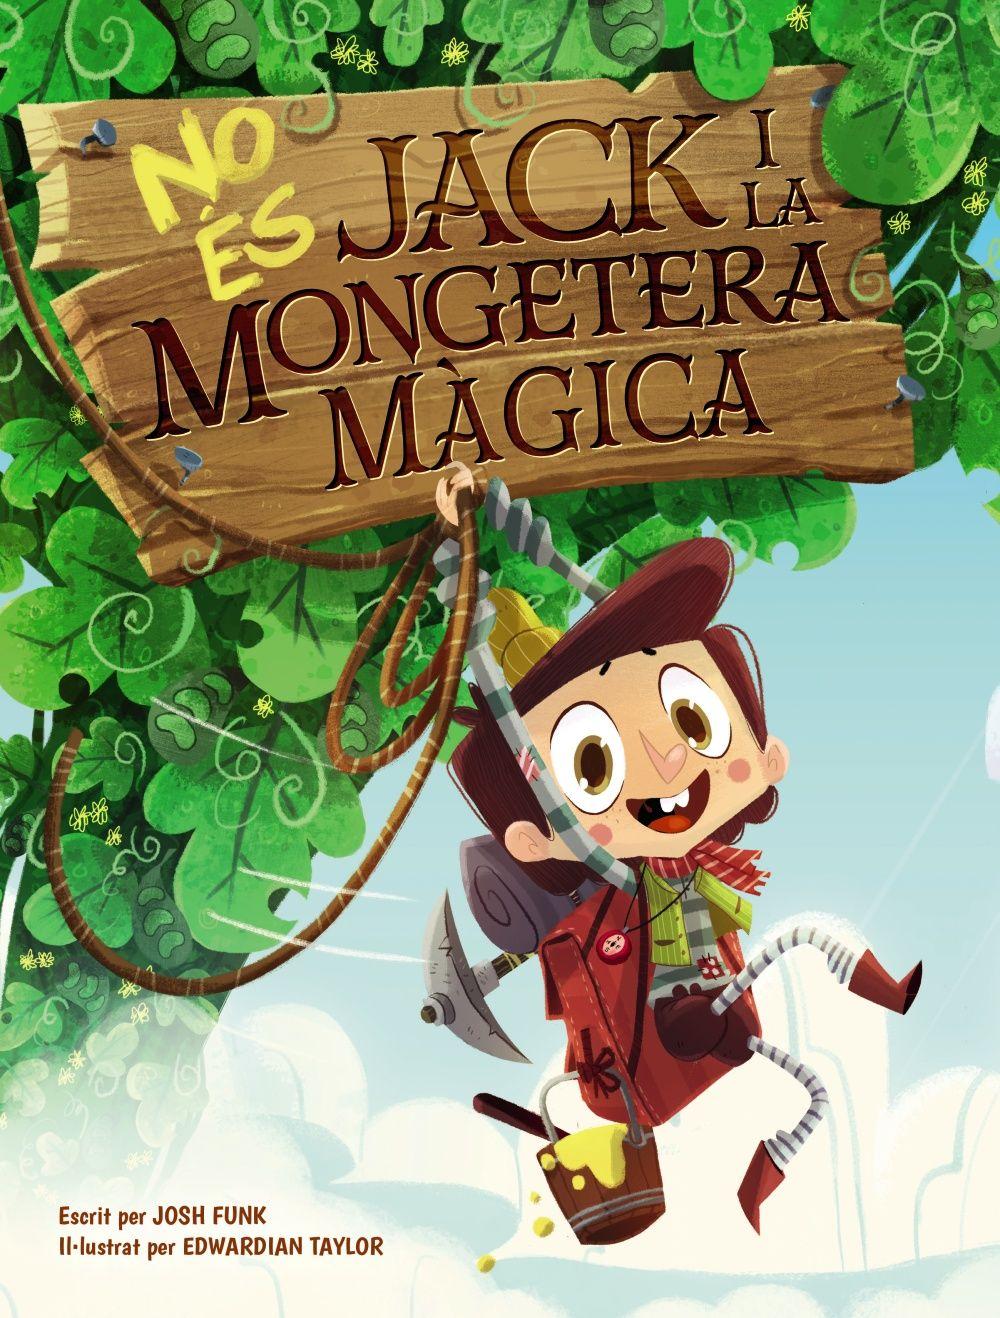 NO ES JACK I LA MONGETERA MAGICA